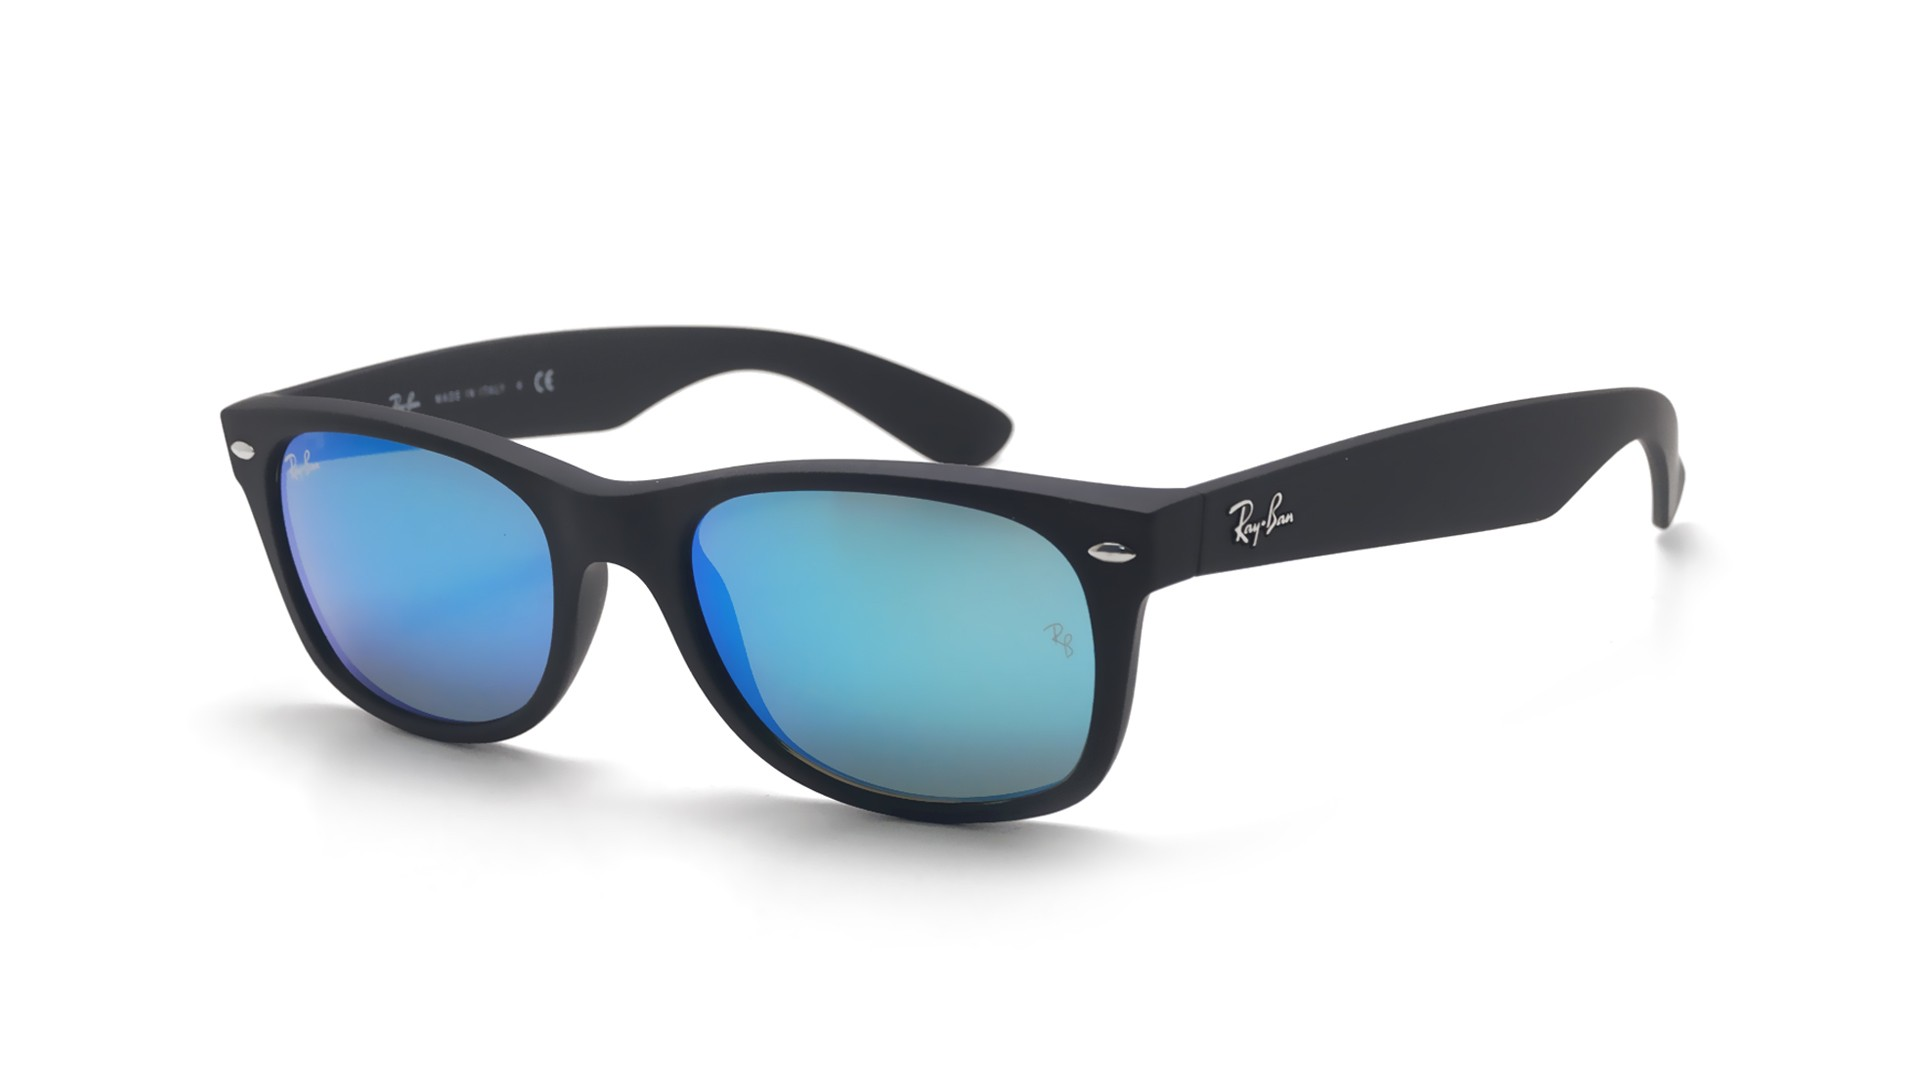 ... coupon for lunettes de soleil ray ban new wayfarer noir mat rb2132 622  17 52 18 dffb3e275b17